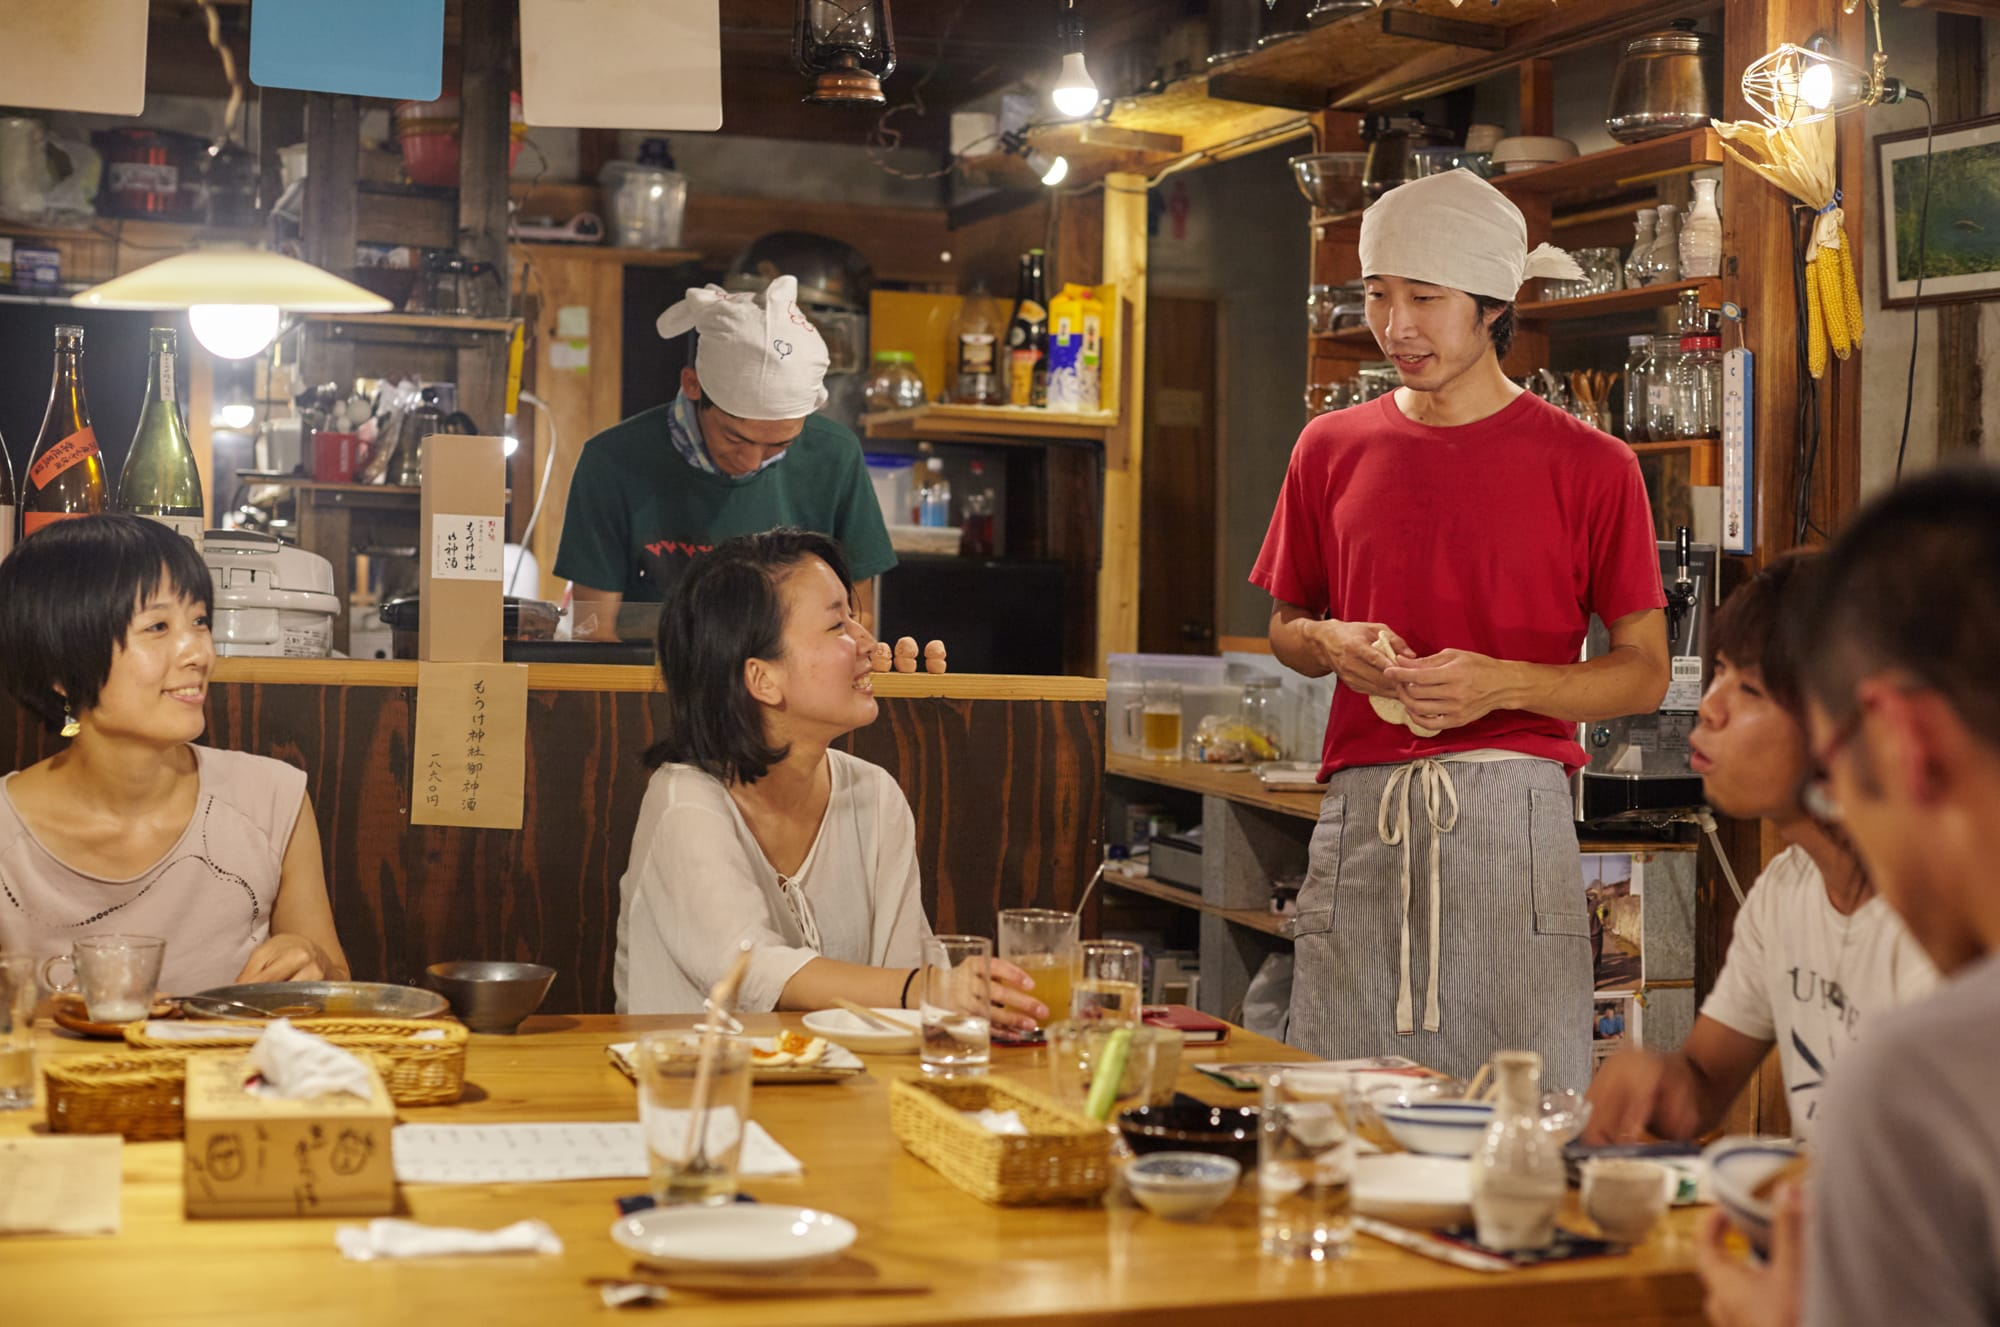 さまざまな出会いを生んだ場所「八百屋barものがたり」。料理は鹿野を代表する食材を使った料理を提供している。赤いシャツを着ているのが店長の成瀬 望さん。